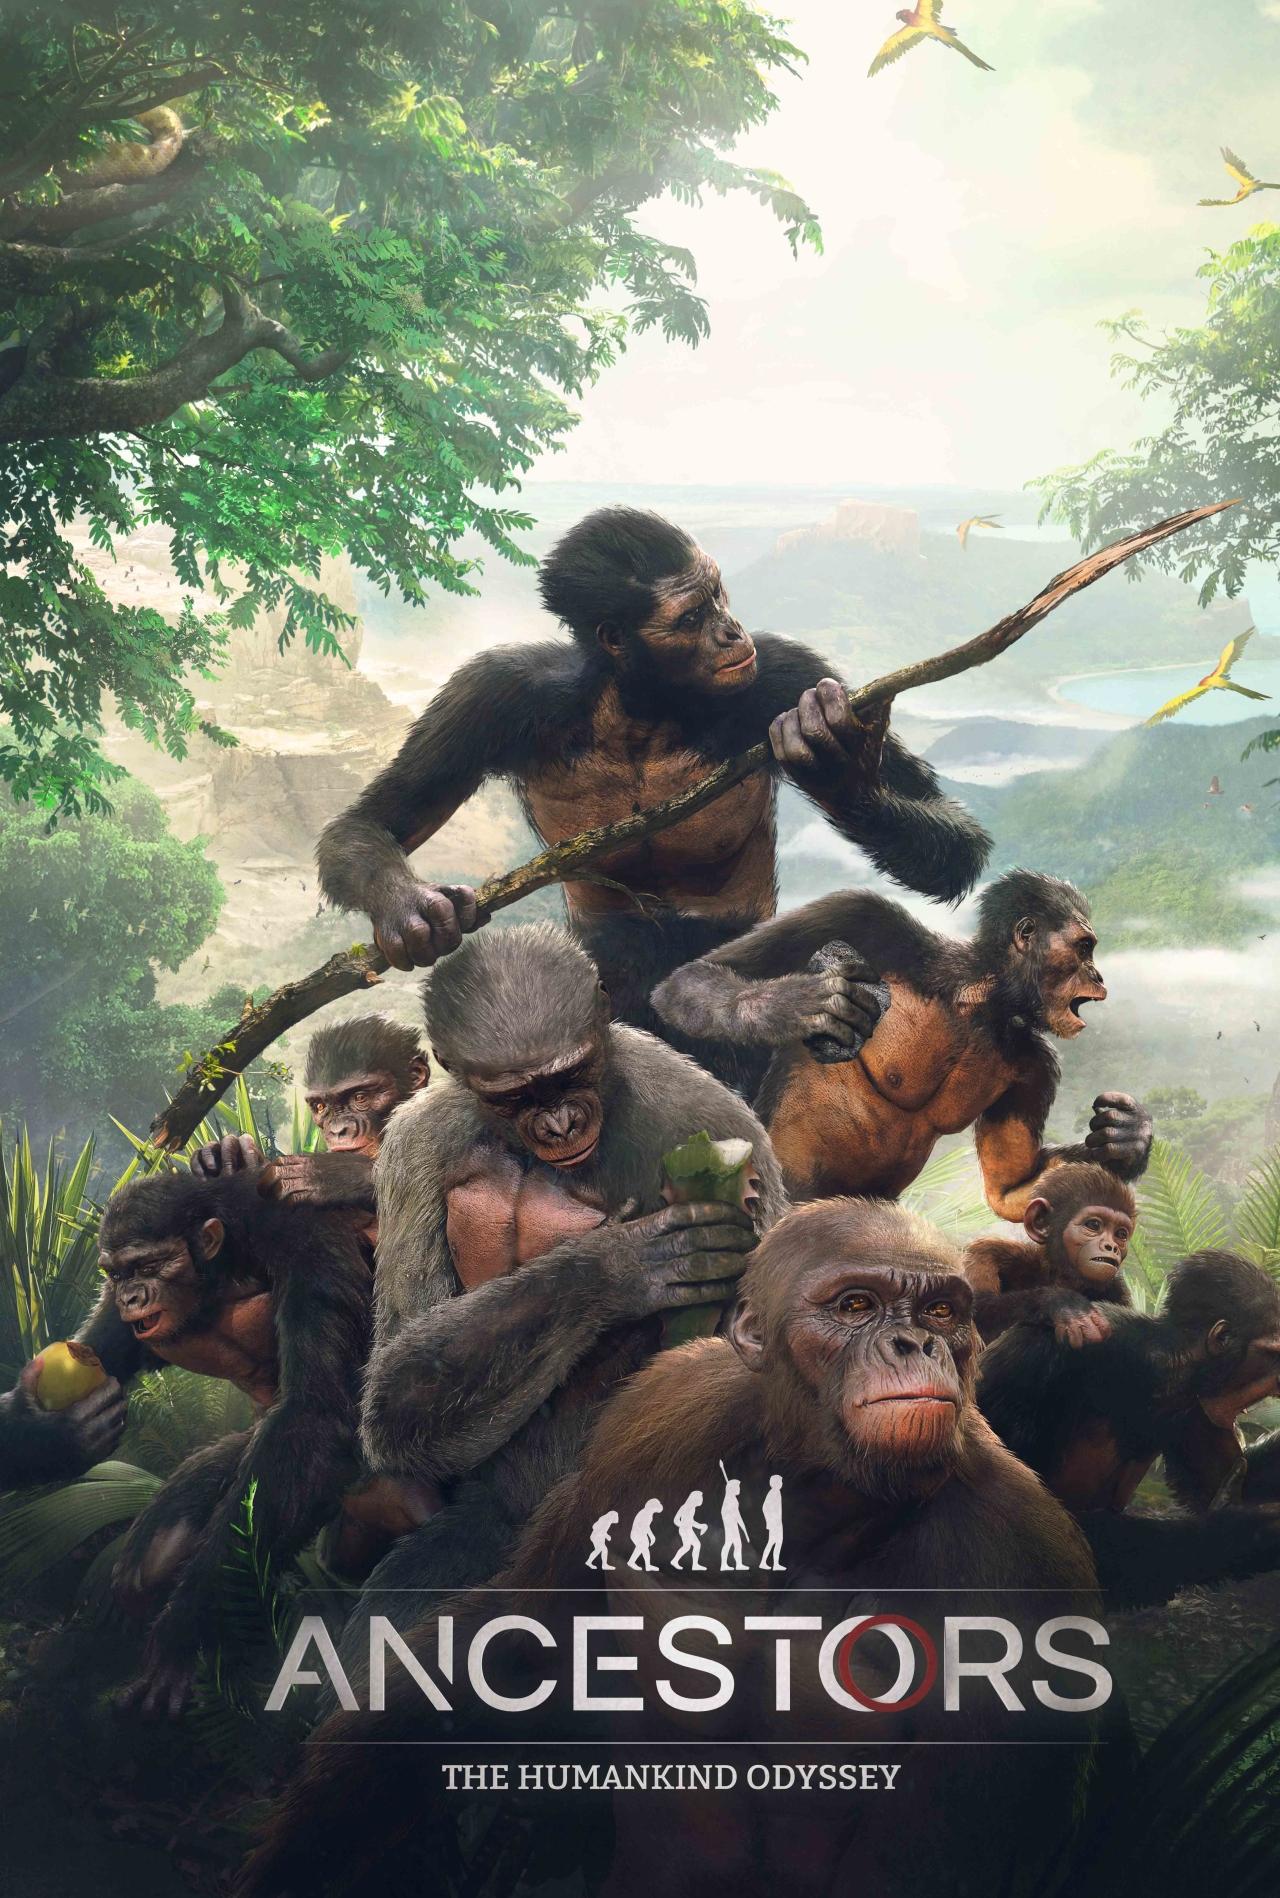 The Ancestors: The Humankind Odyssey uscirà il 27 Agosto